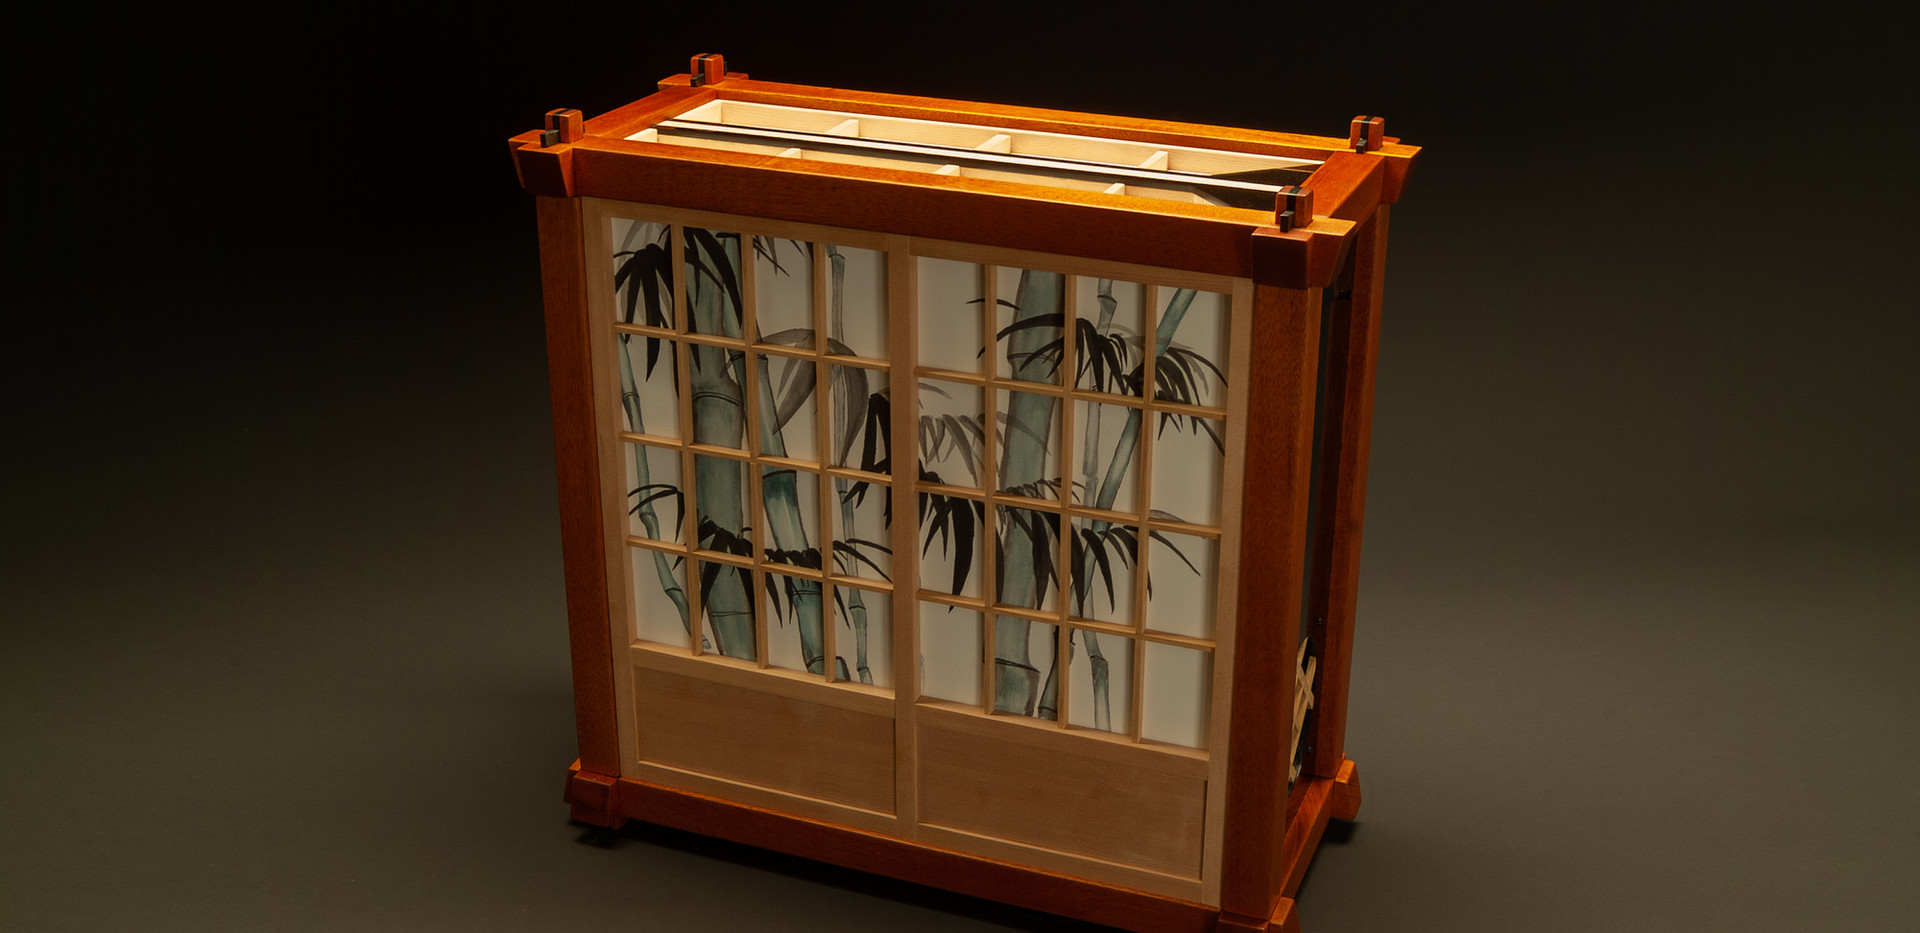 Sangaku Computer Case Painting